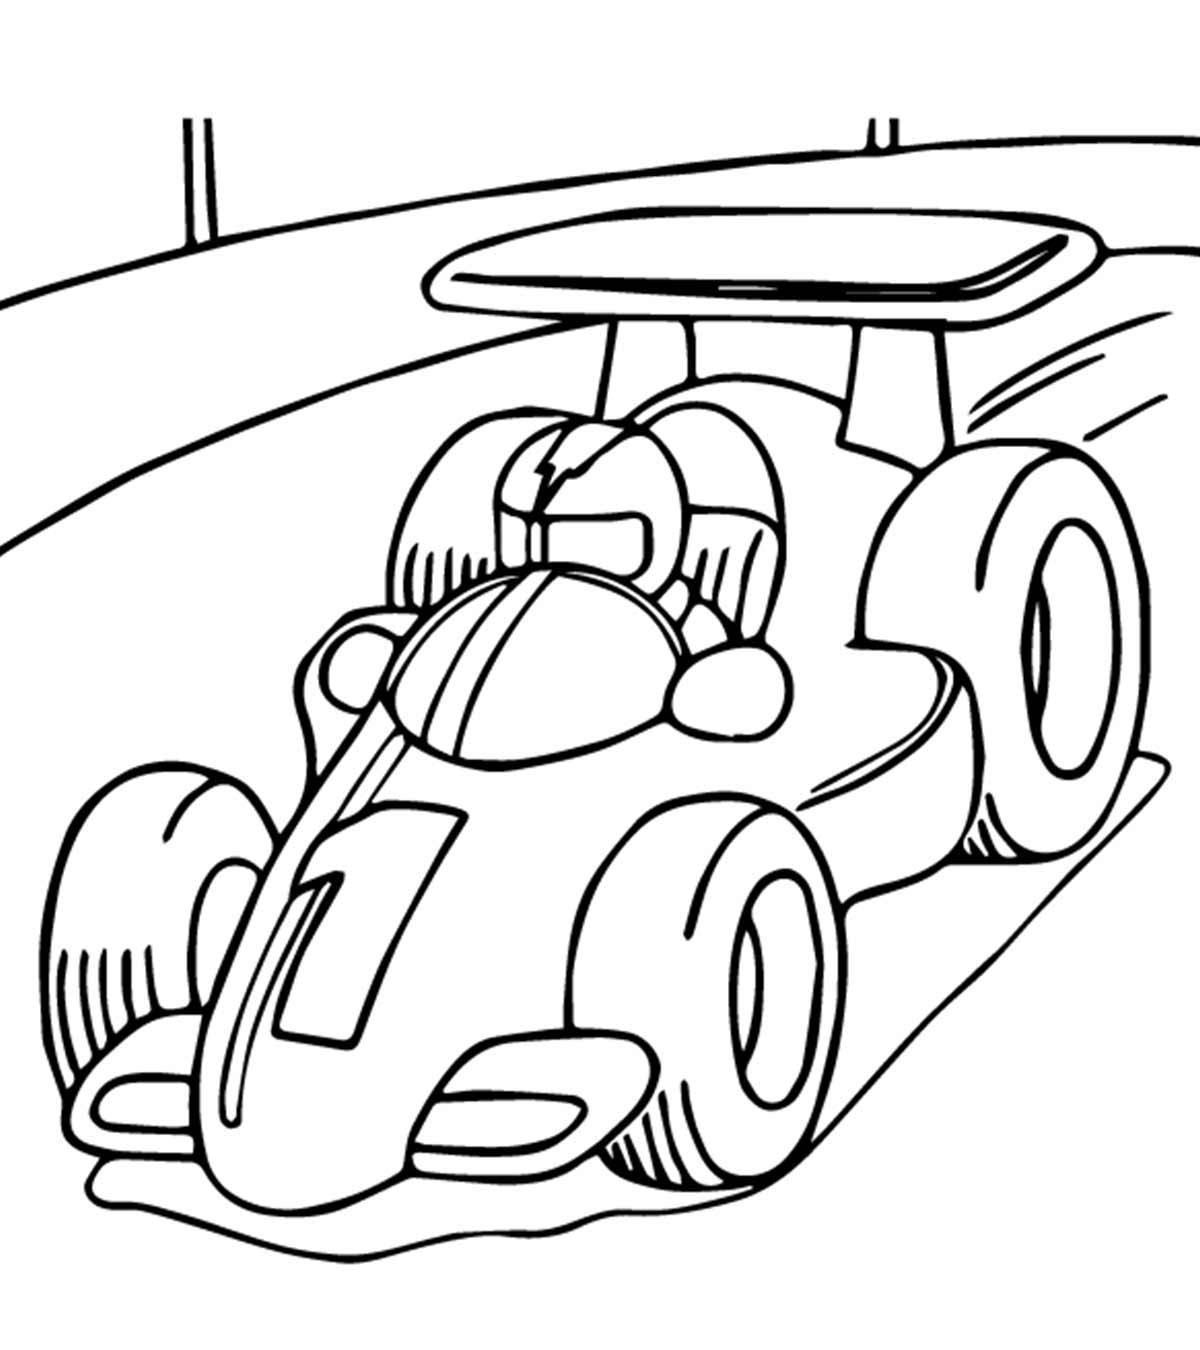 Hình tô màu xe đua đơn giản cho bé